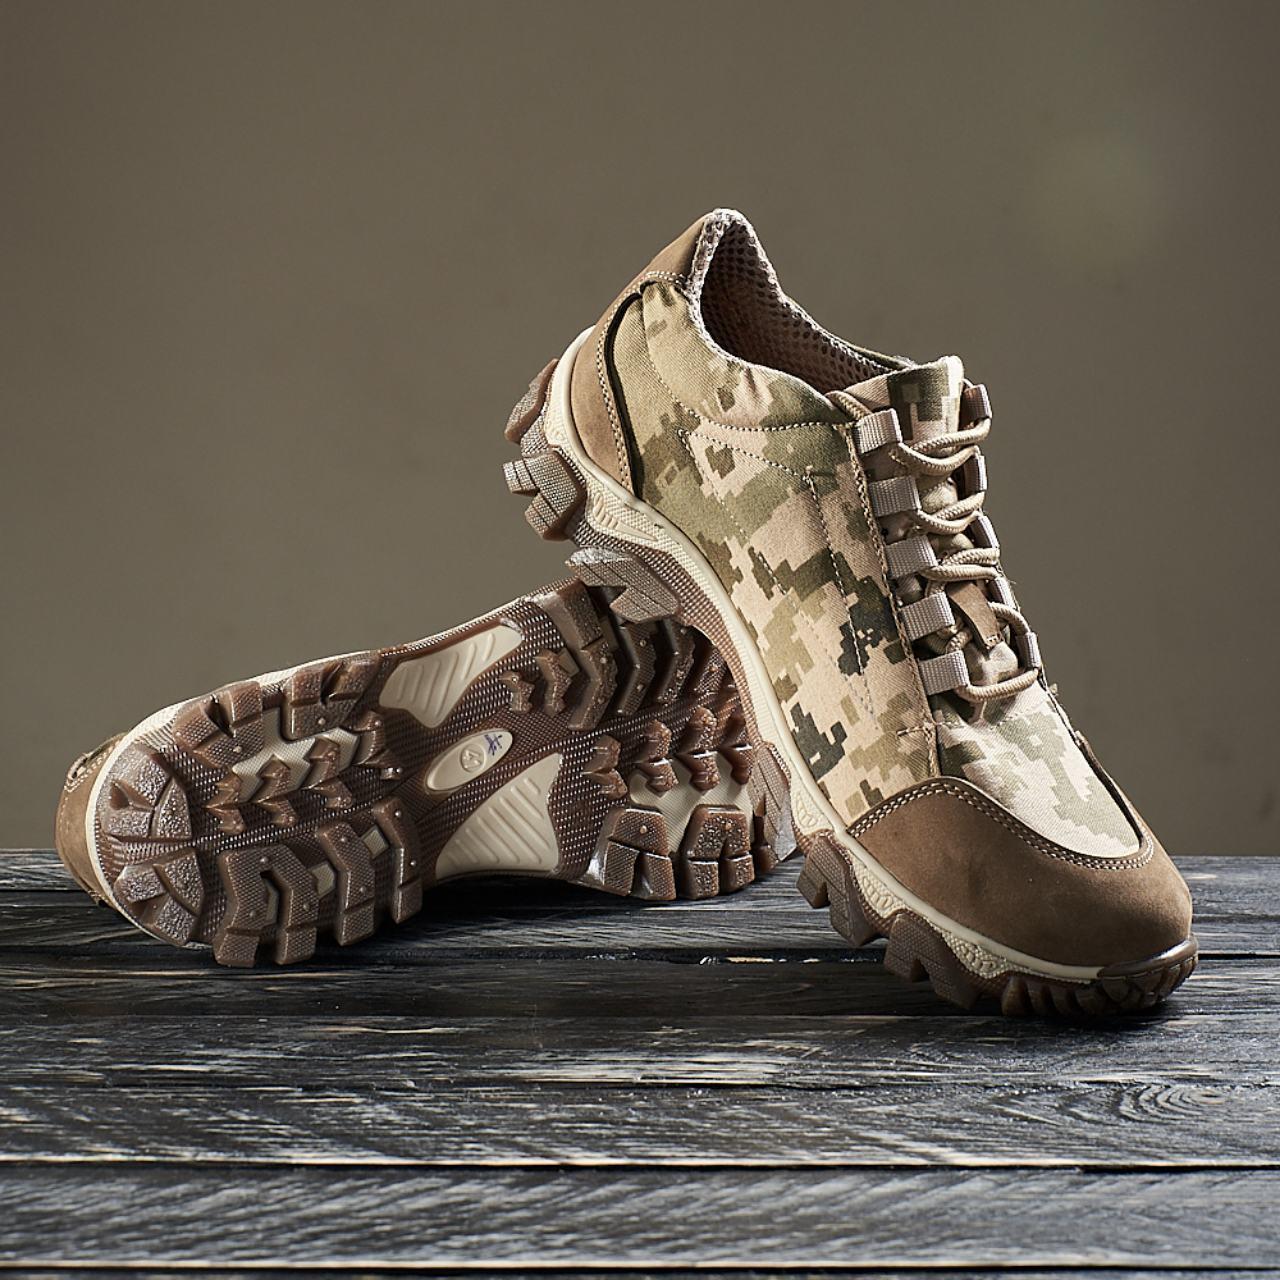 e5ba8e0d Тактические кроссовки Кайман пиксель летние - Интернет магазин Берцы 78 в  Хмельницком